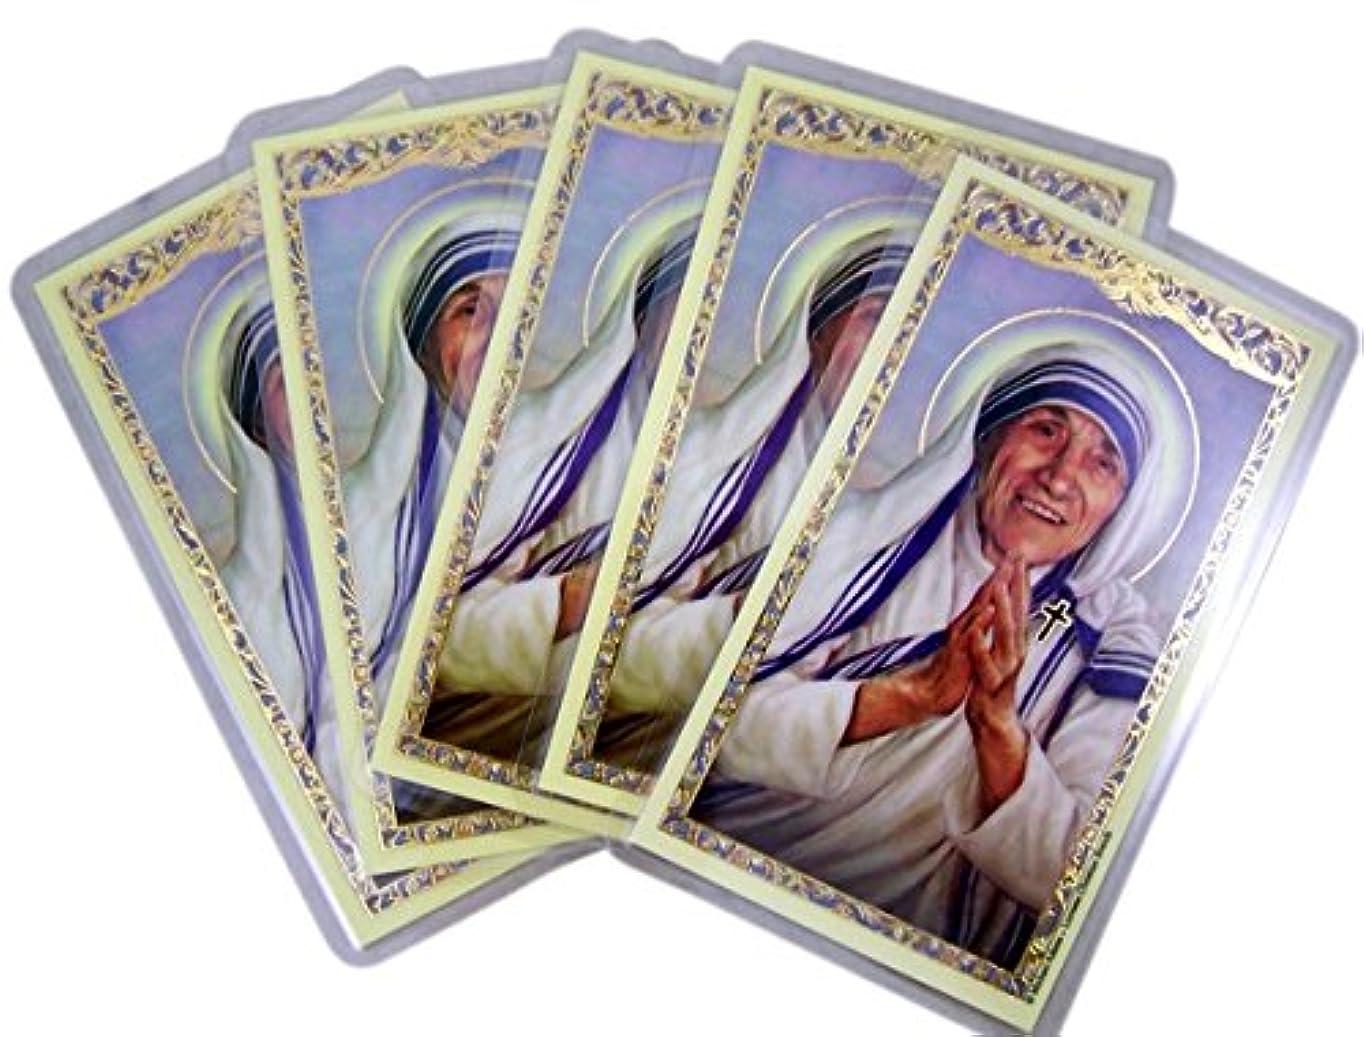 平らにする牛活性化SaintアビラのカルカッタラミネートHolyカードwith毎日祈り、4 1 / 2インチ5パック Pack of 5 イエロー PN#800-1283